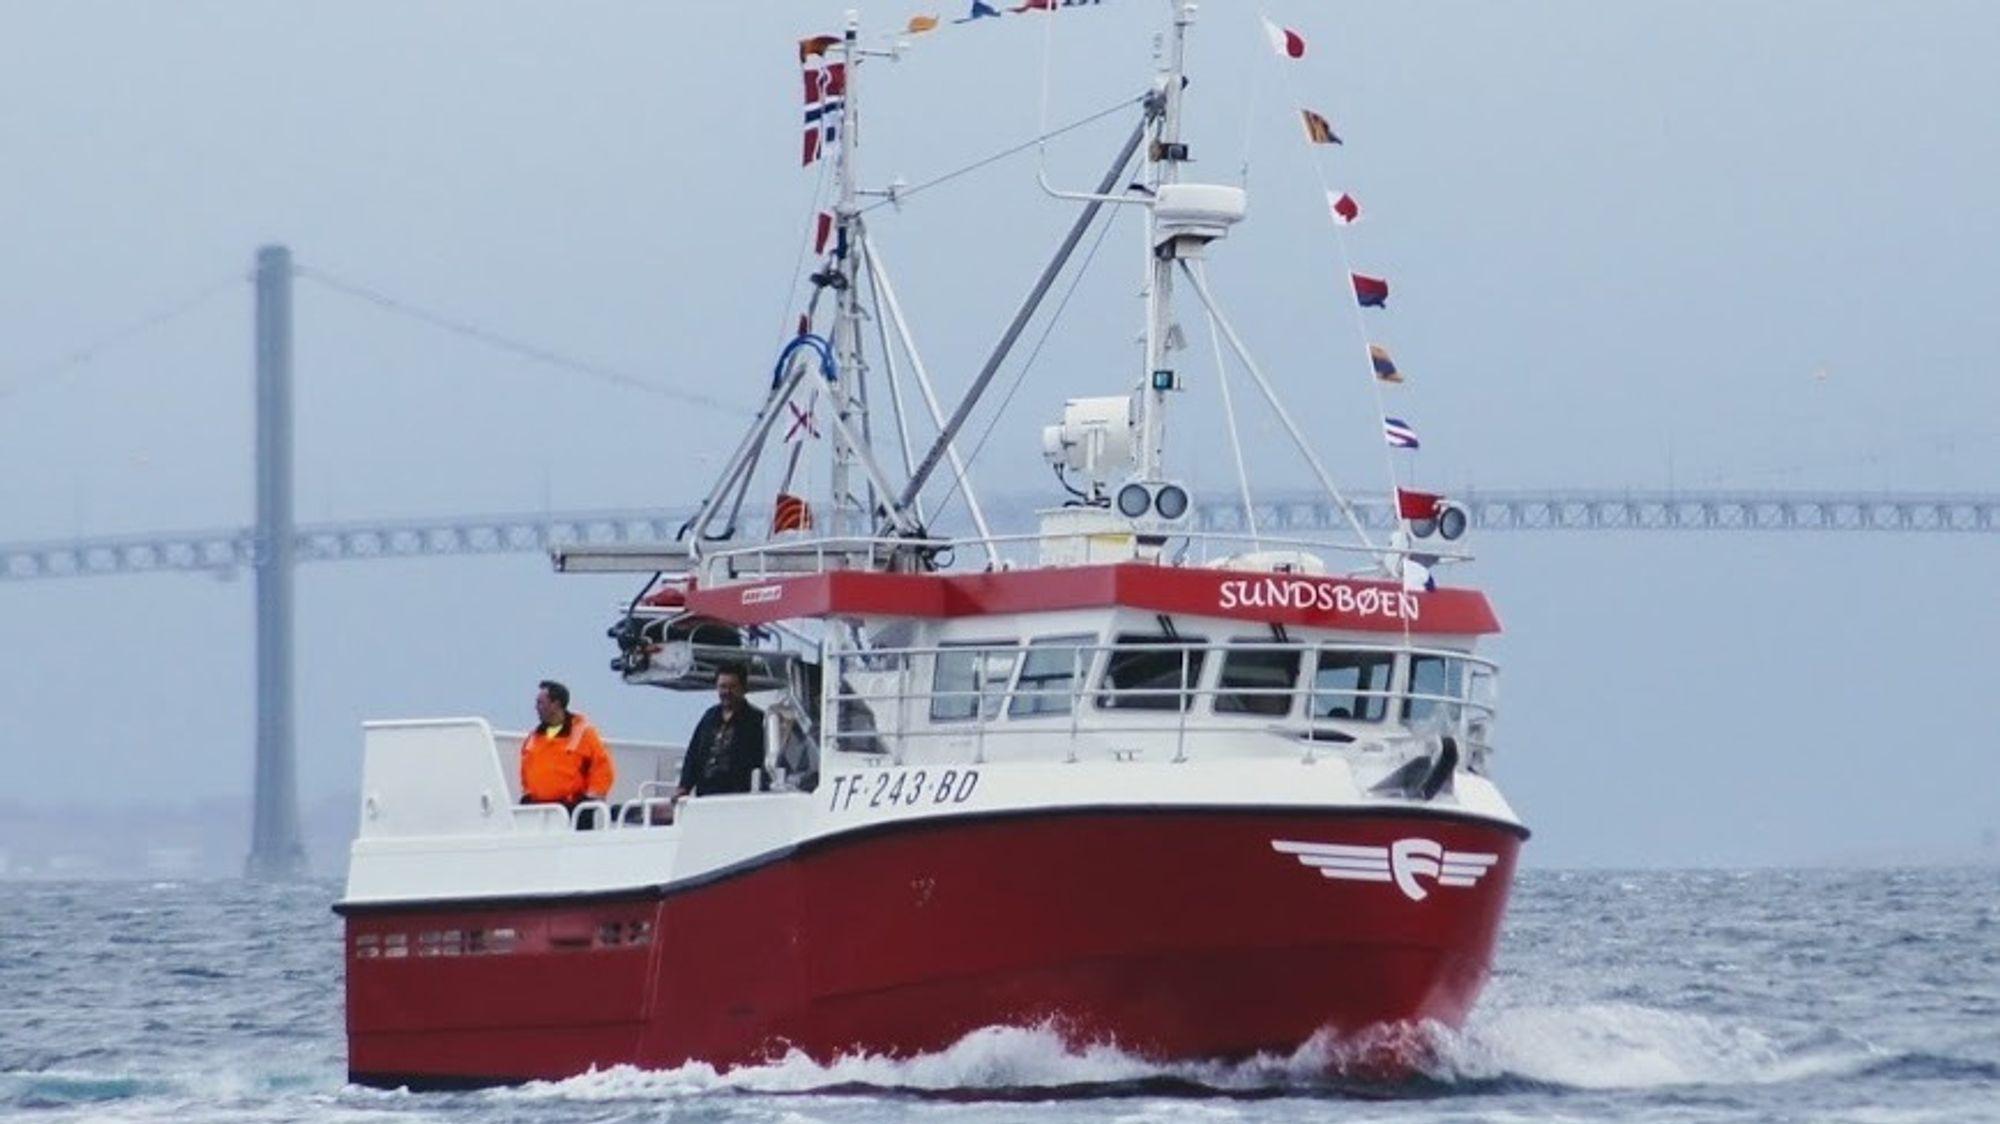 Sundsbøen er  den andre hybridefiskebåten fra Selfa Artctic. Båtbyggeren legger opp til serieproduksjon av hybride fiskebåter heretter.